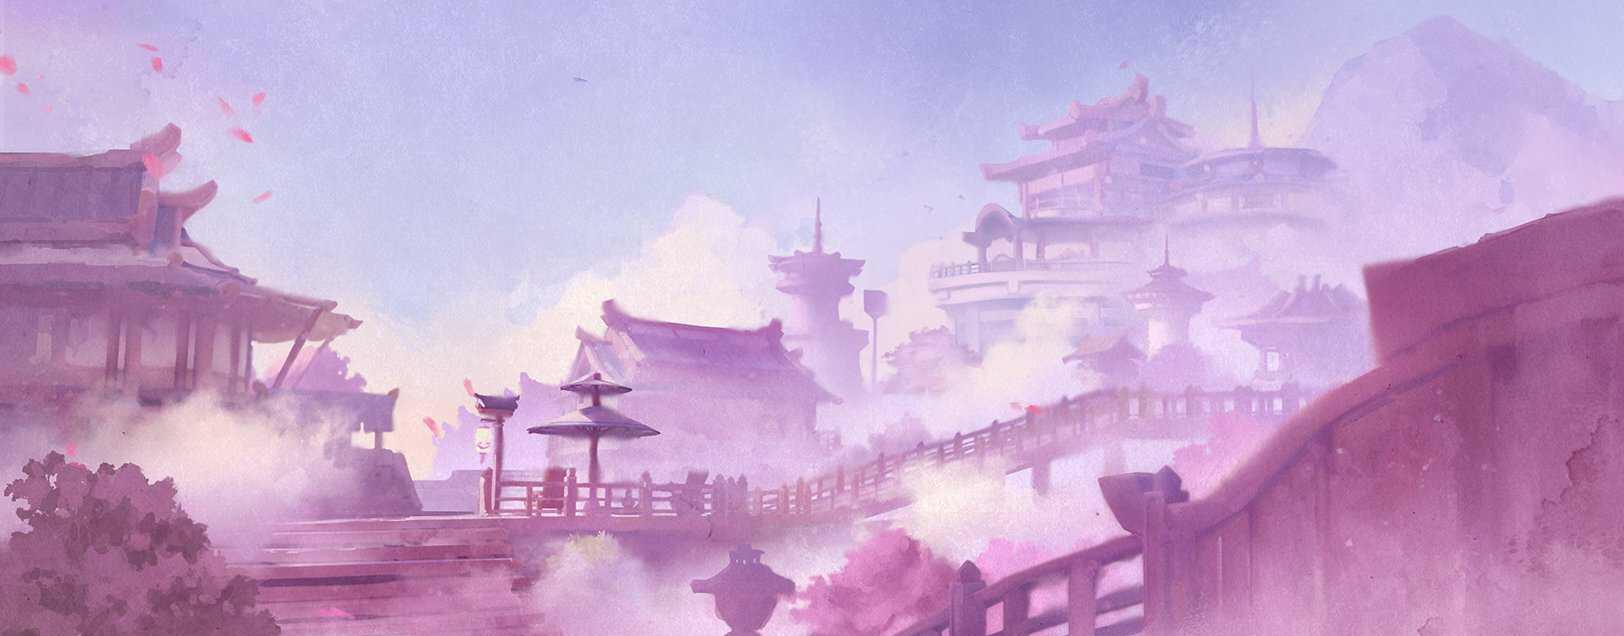 """梦幻西游三维版:想要""""佛系""""玩游戏?这3点建议可以尝试一下"""